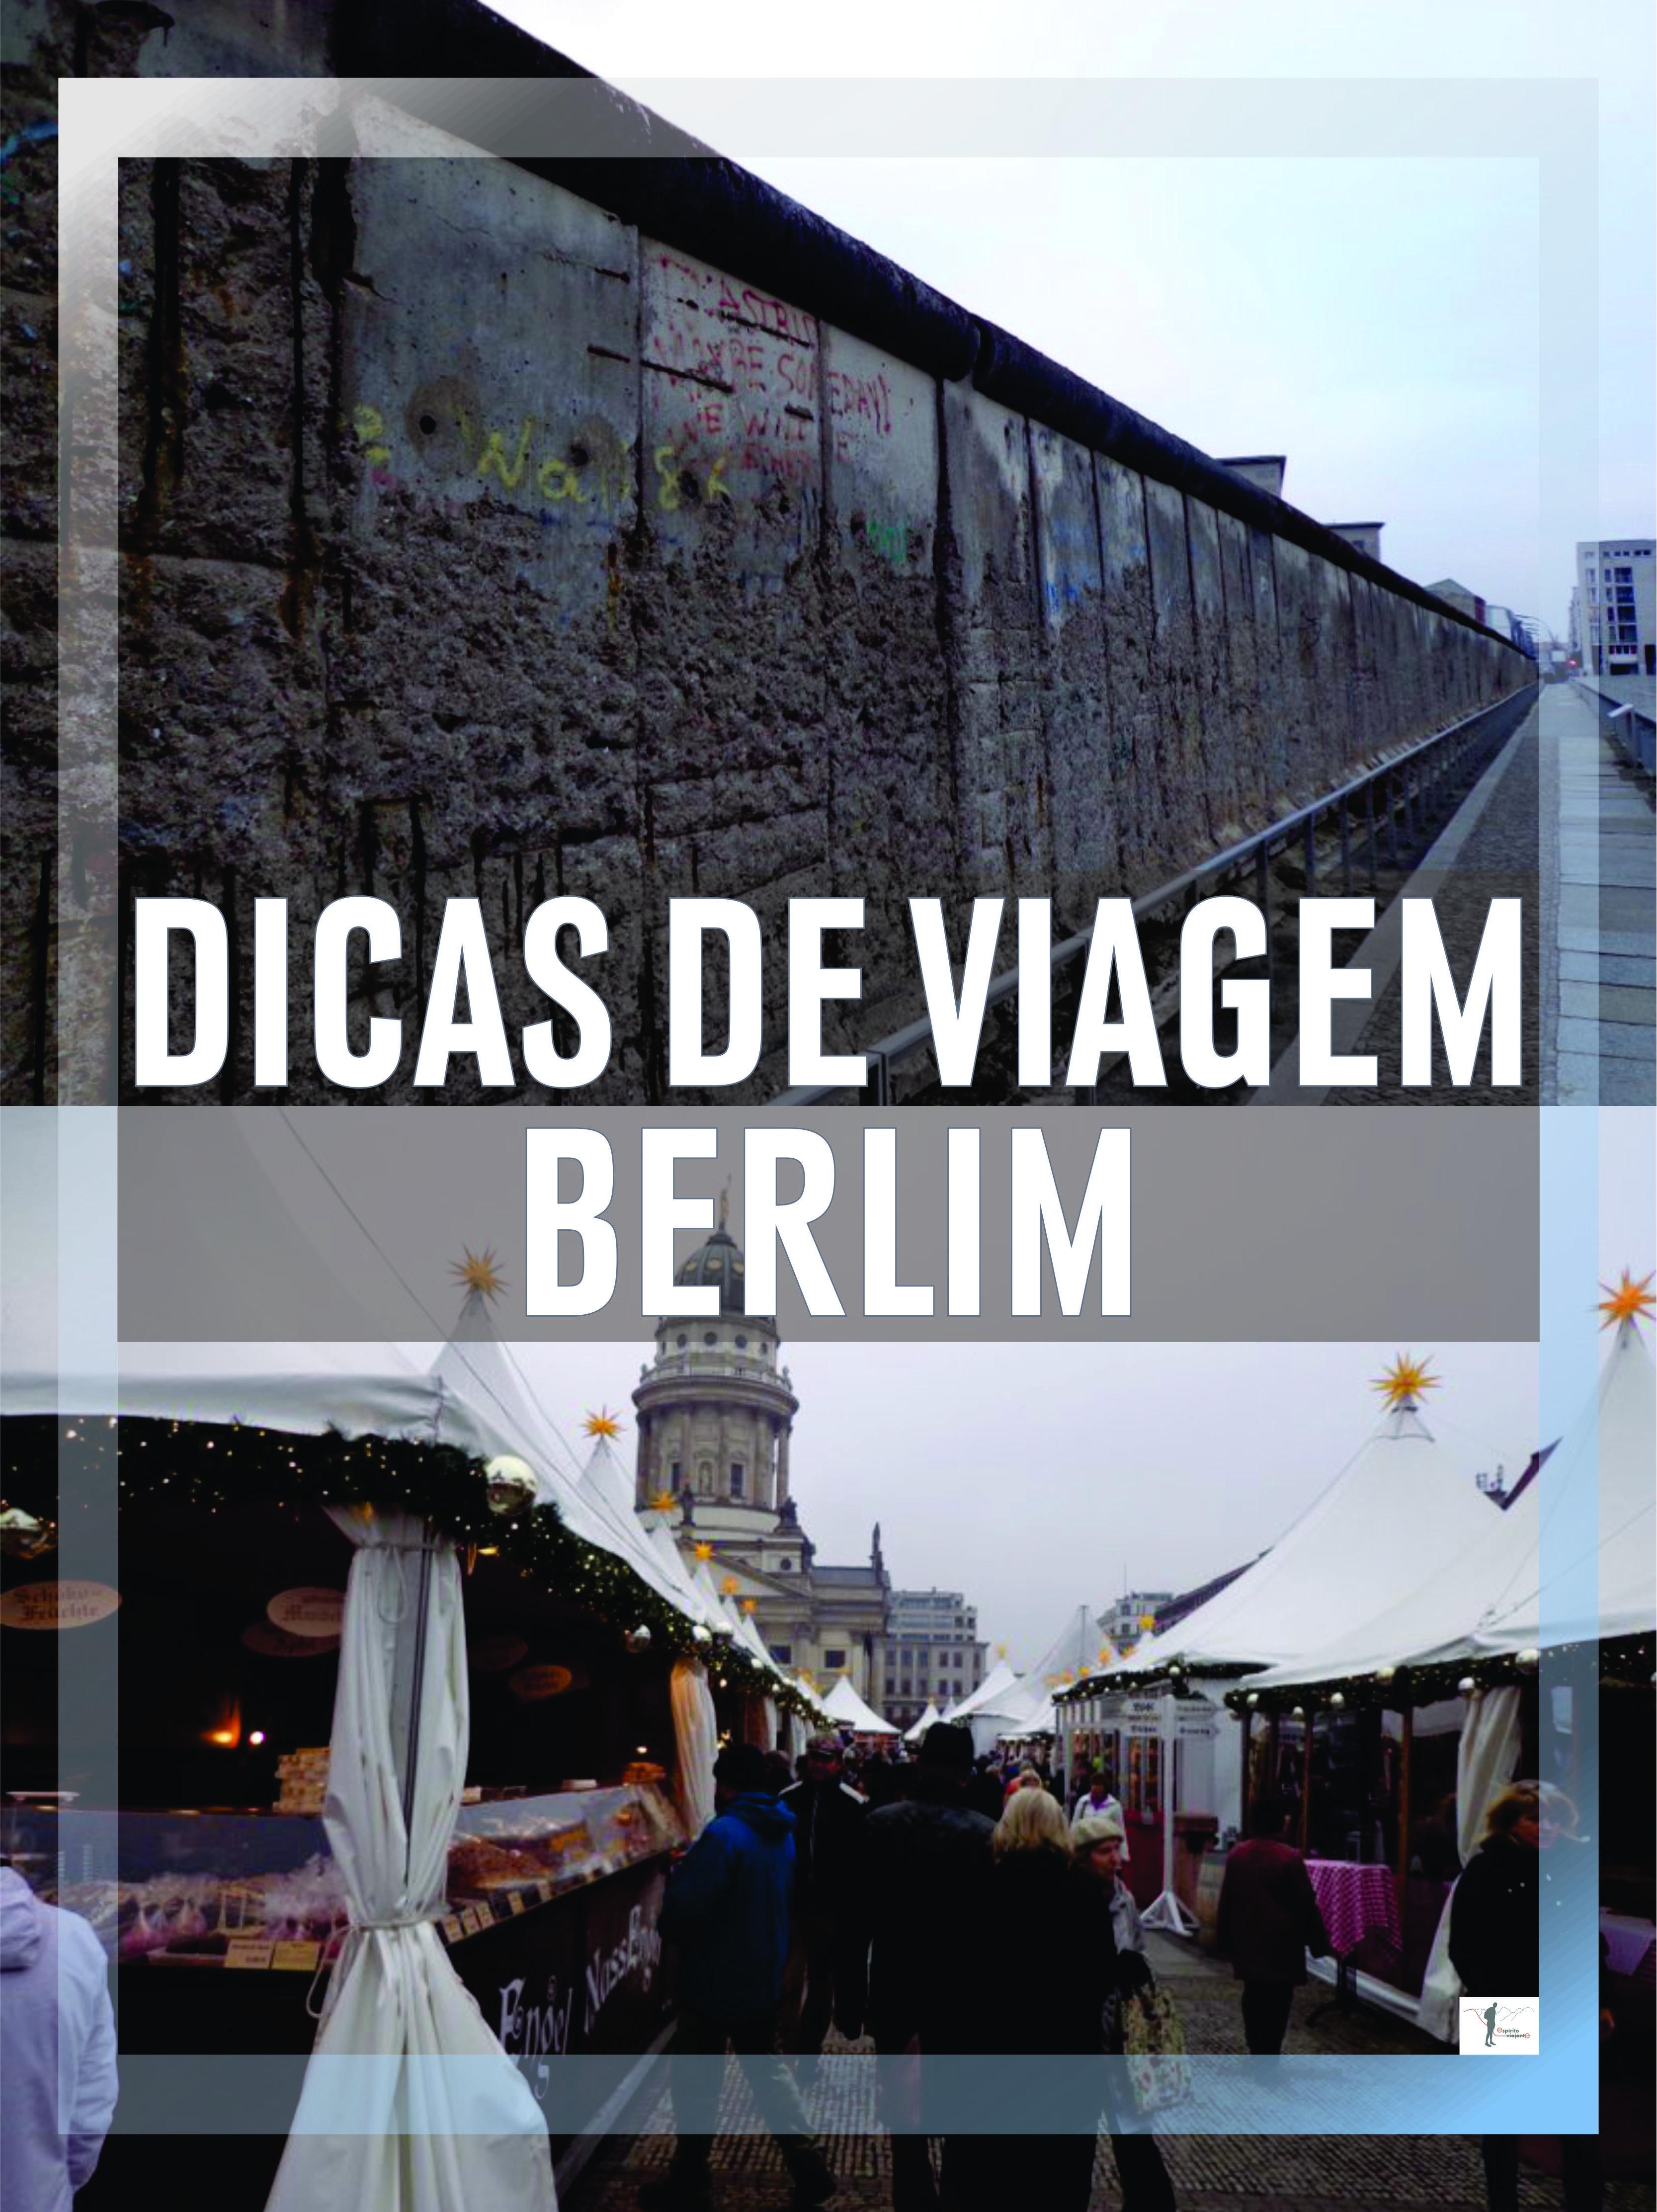 Visitar Berlim – dicas, roteiro, locais a visitar e alojamento